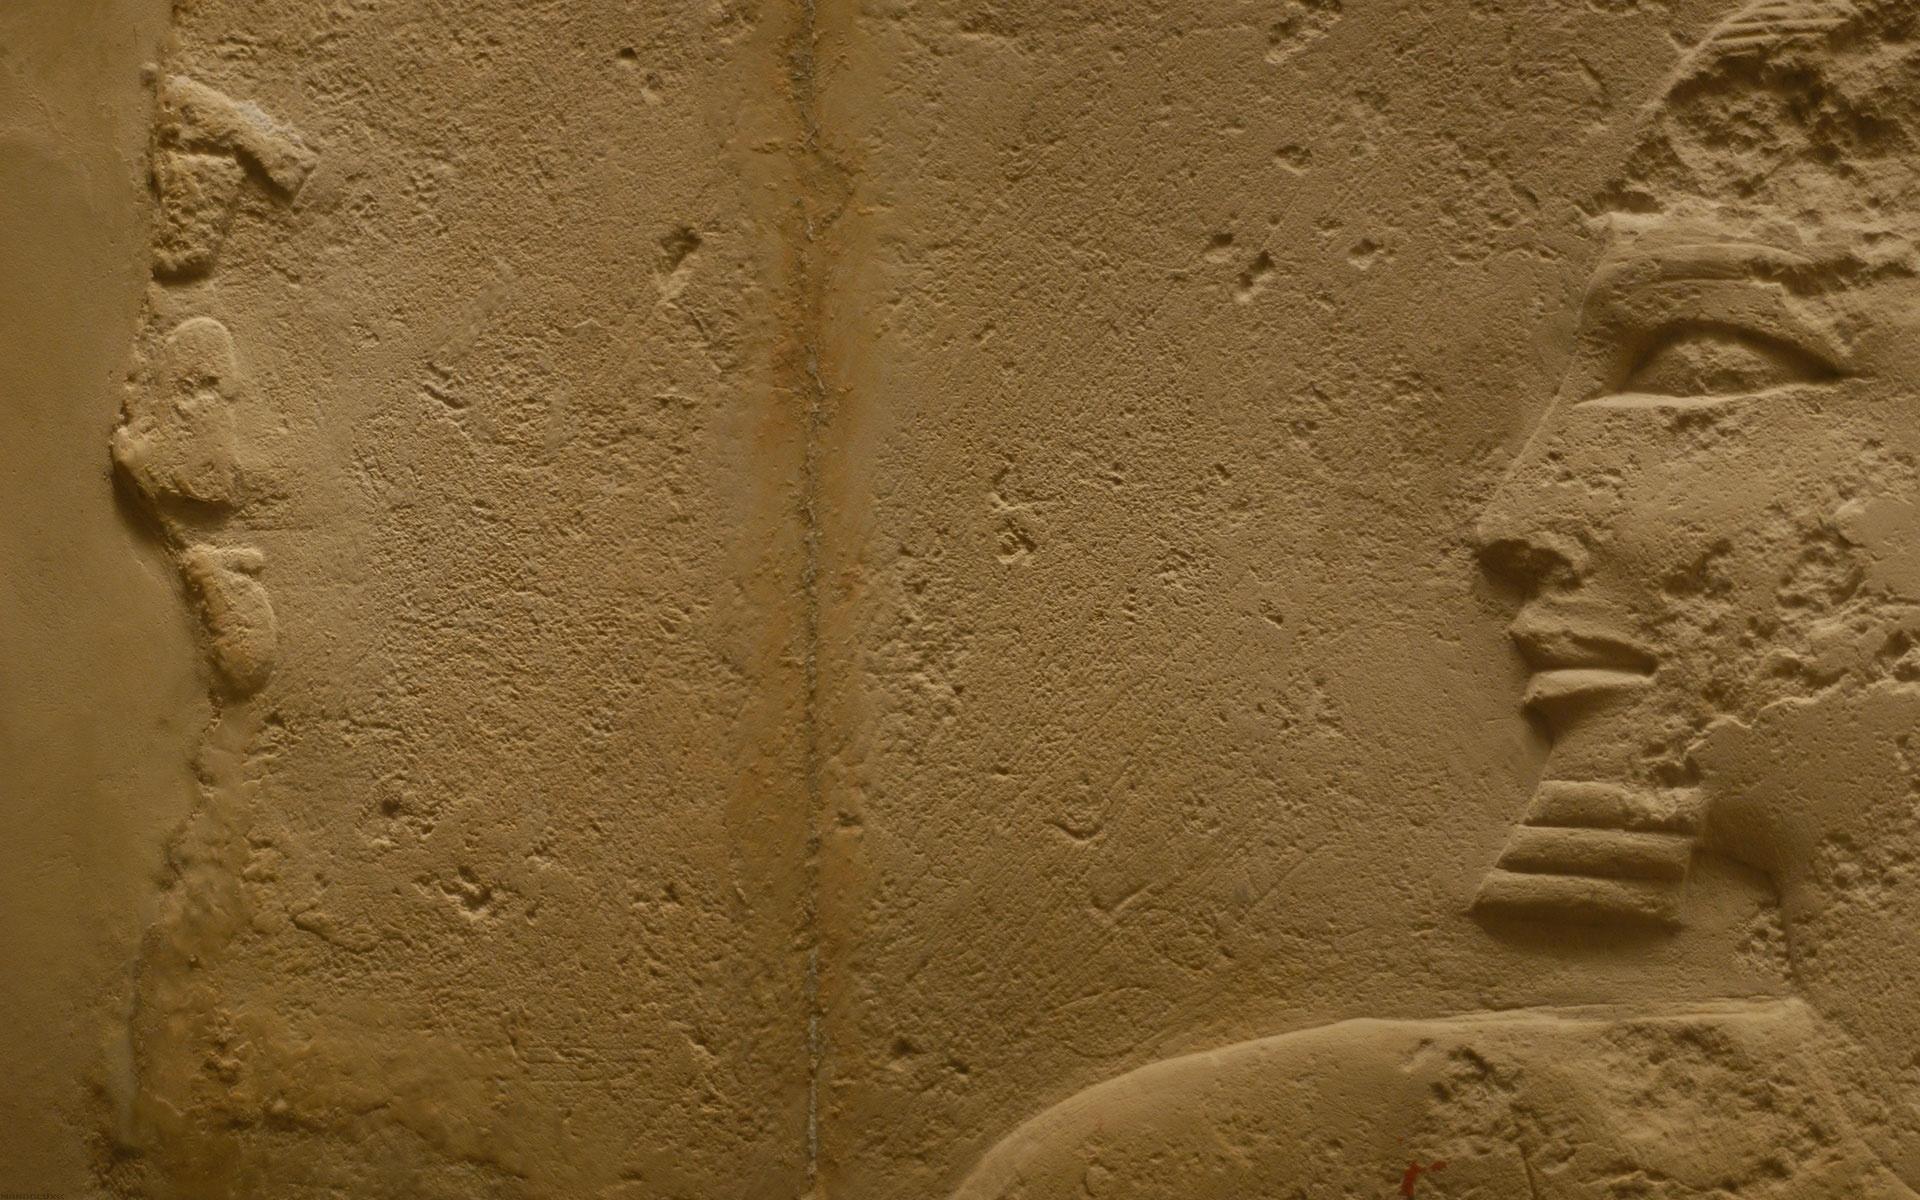 Обои египет, фараон, песок для рабочего стола - картинка #17487